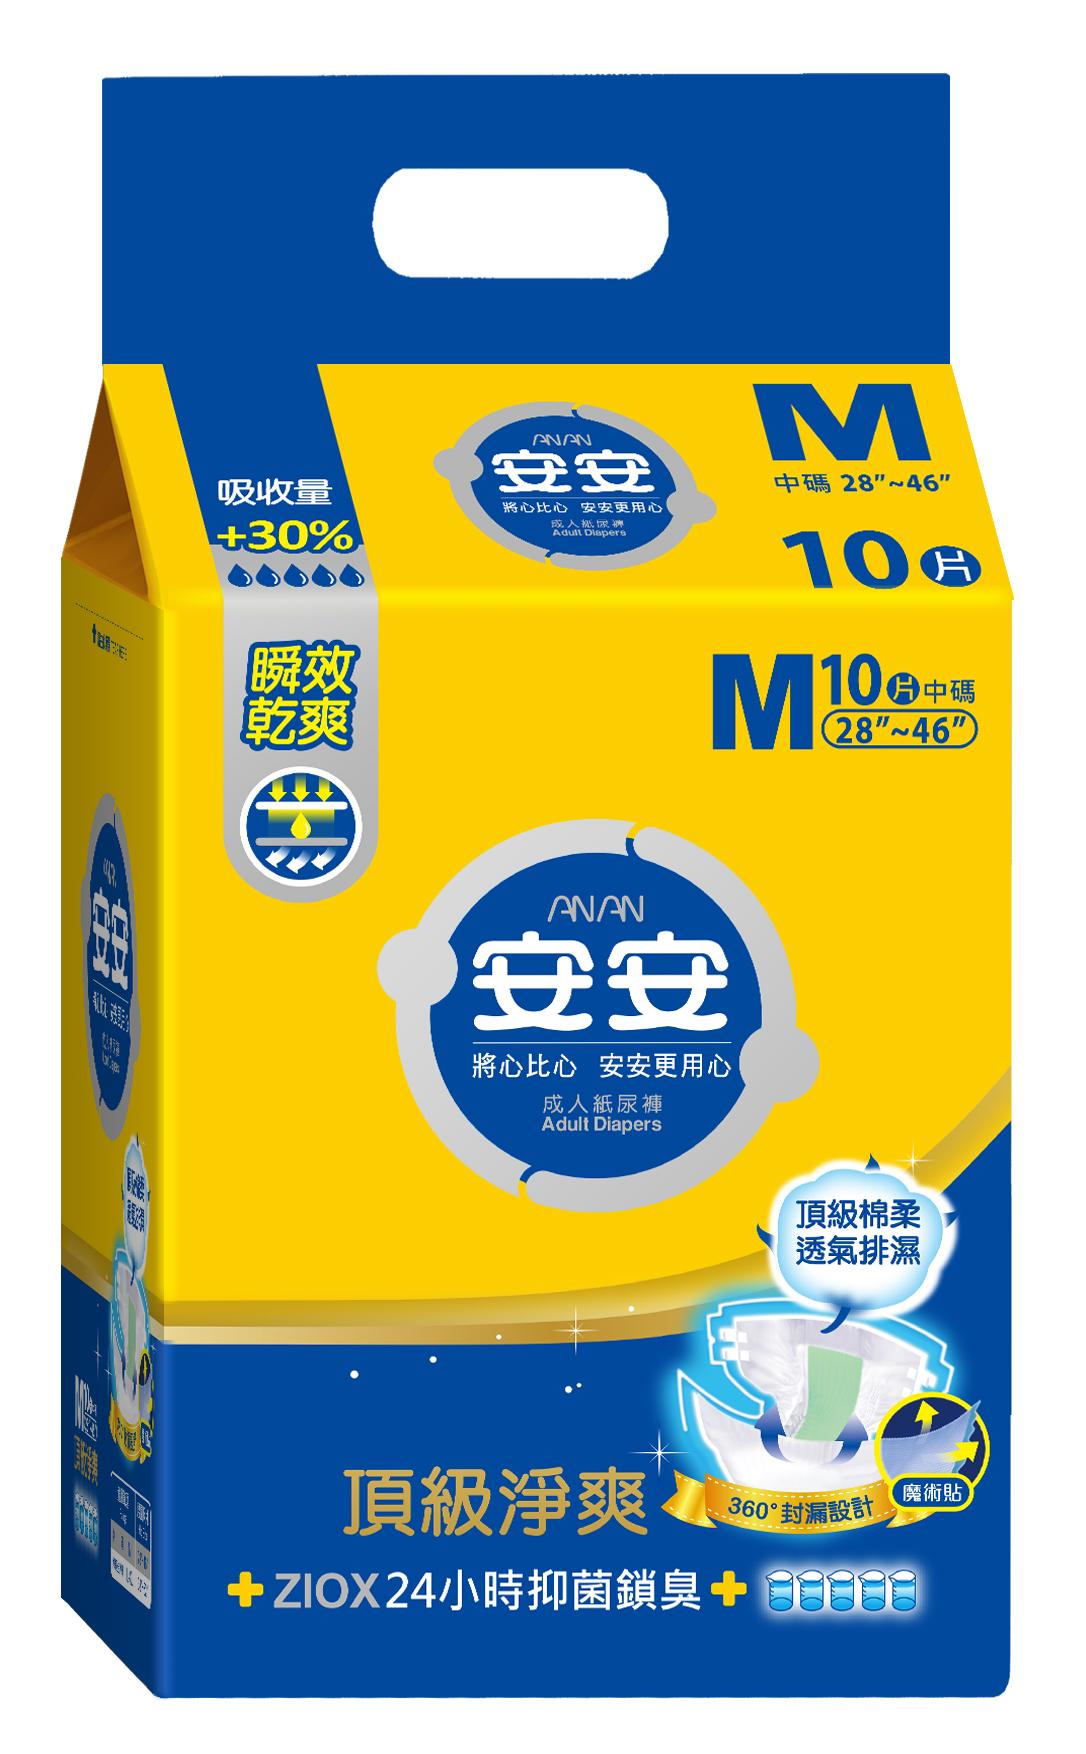 【安安】成人紙尿褲-頂級淨爽型 M號 10片*6包/箱(共60片)